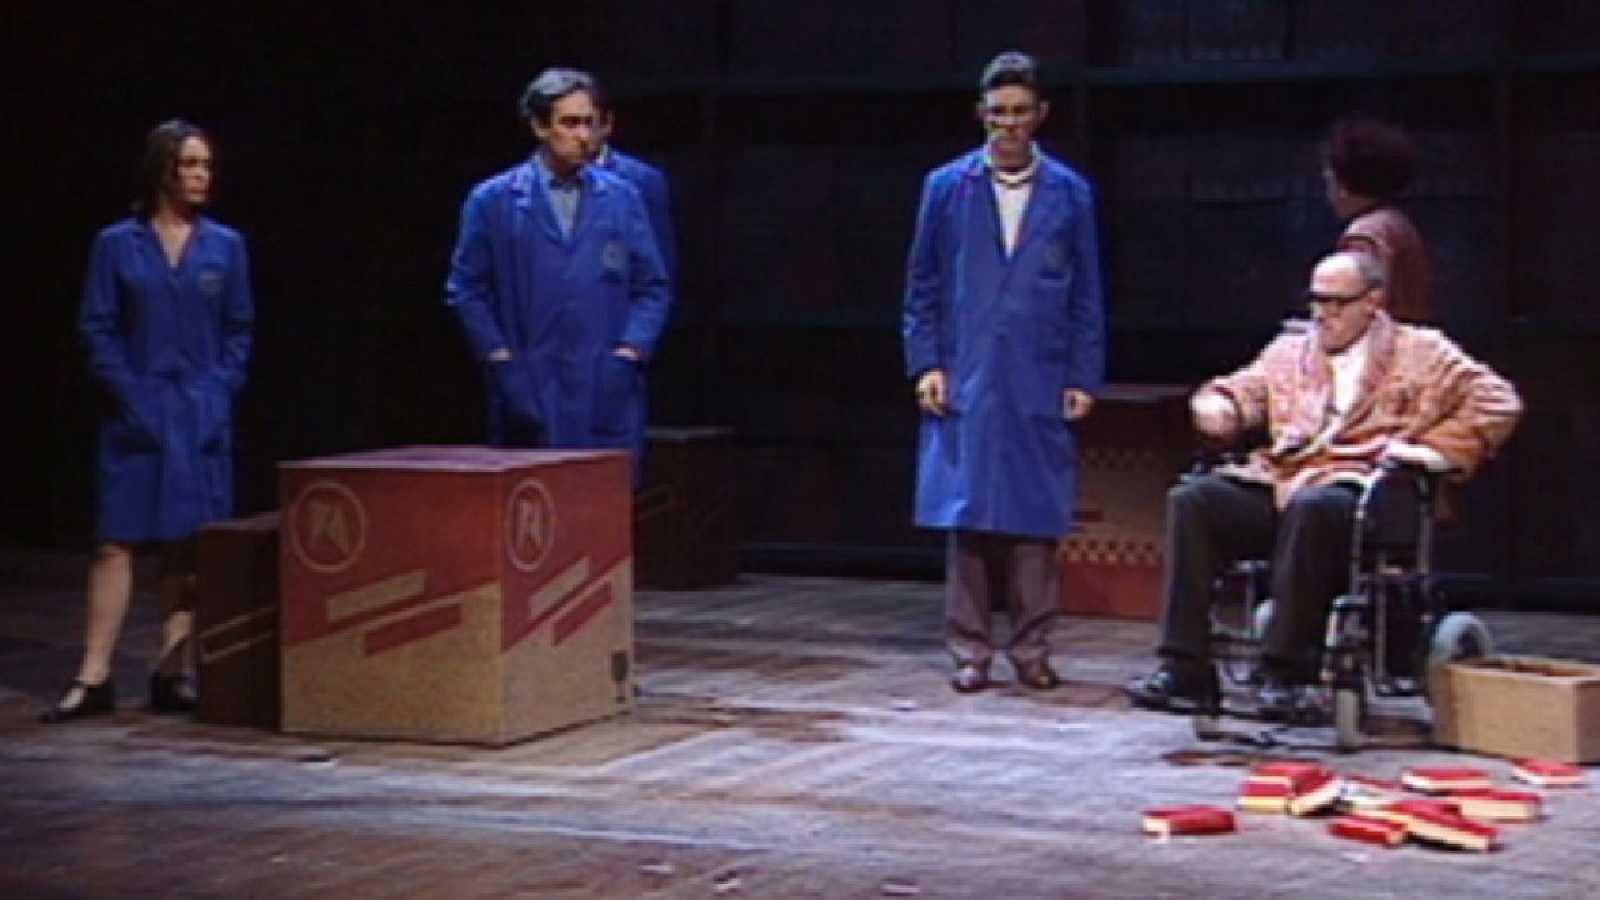 Des dels seus inicis, TVE Catalunya ofereix obres de teatre en català